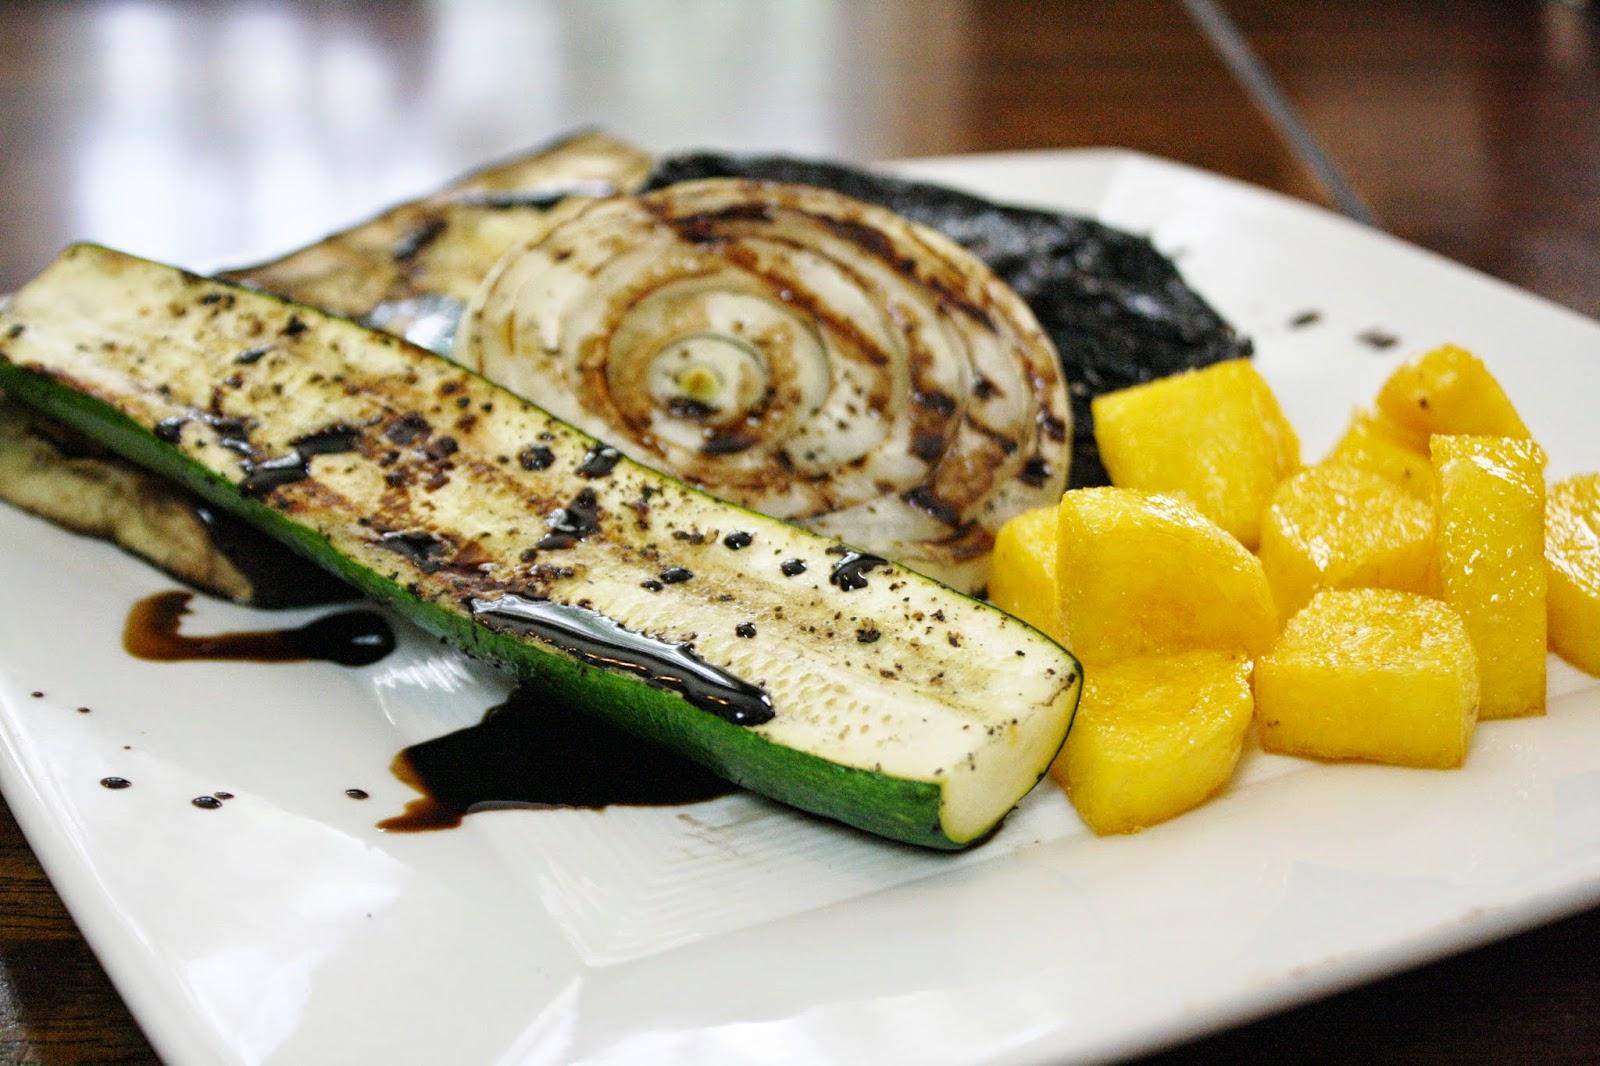 http://eatprayjuice.blogspot.com/2014/06/grilled-vegetables-with-polenta.html